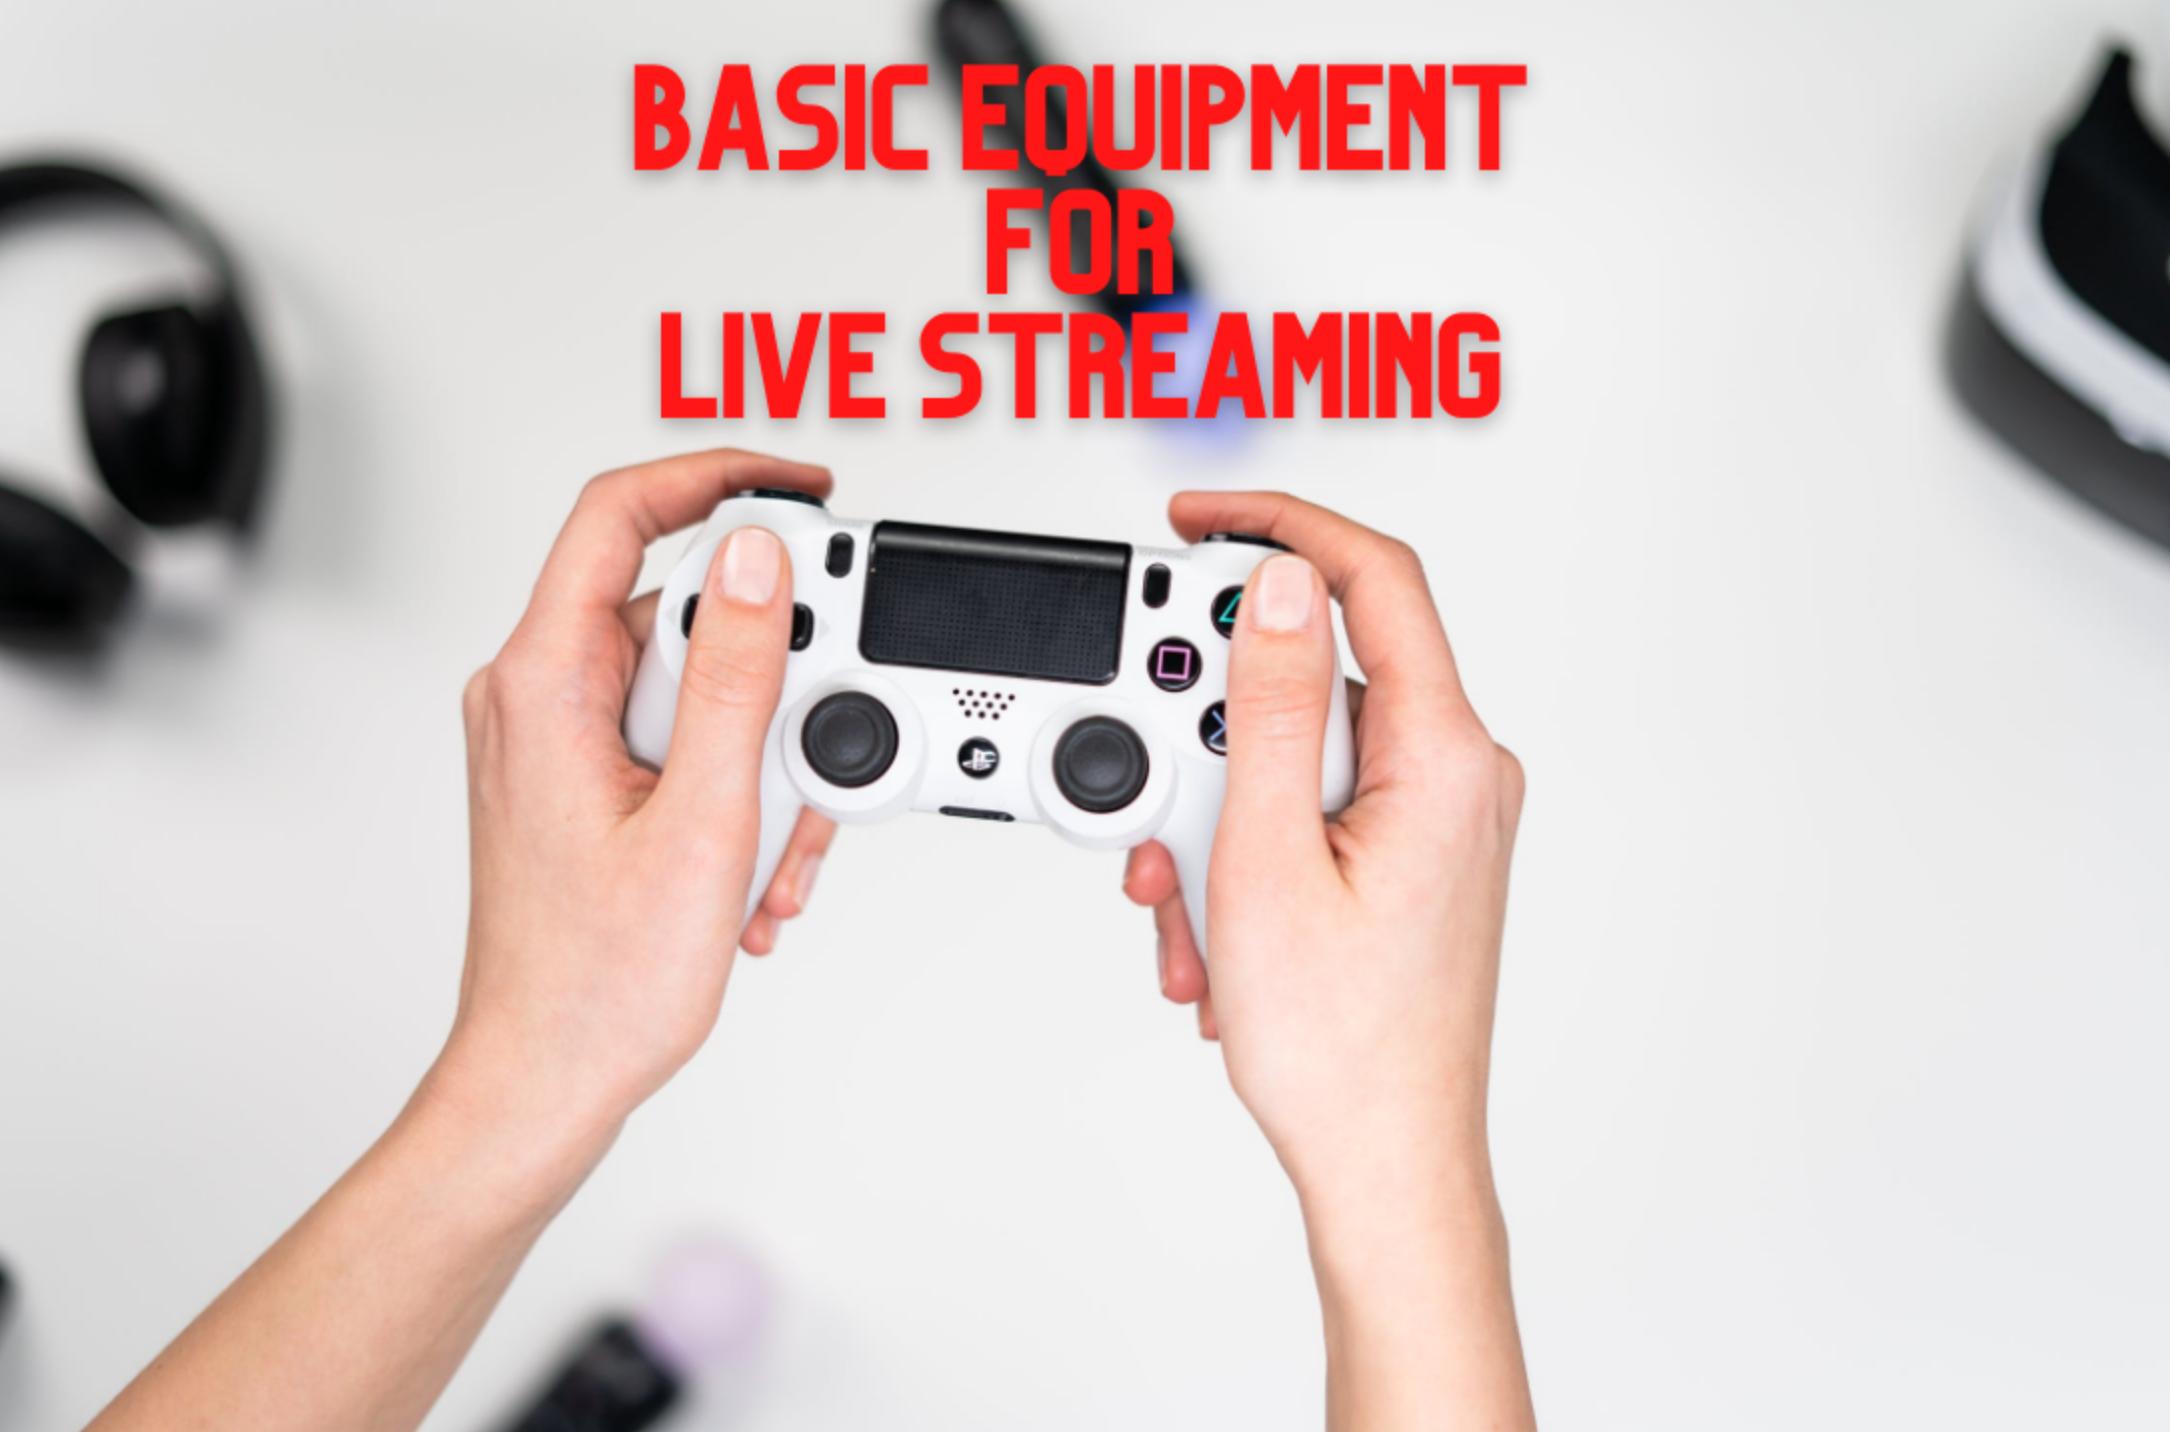 Basic Equipment For Live Streaming